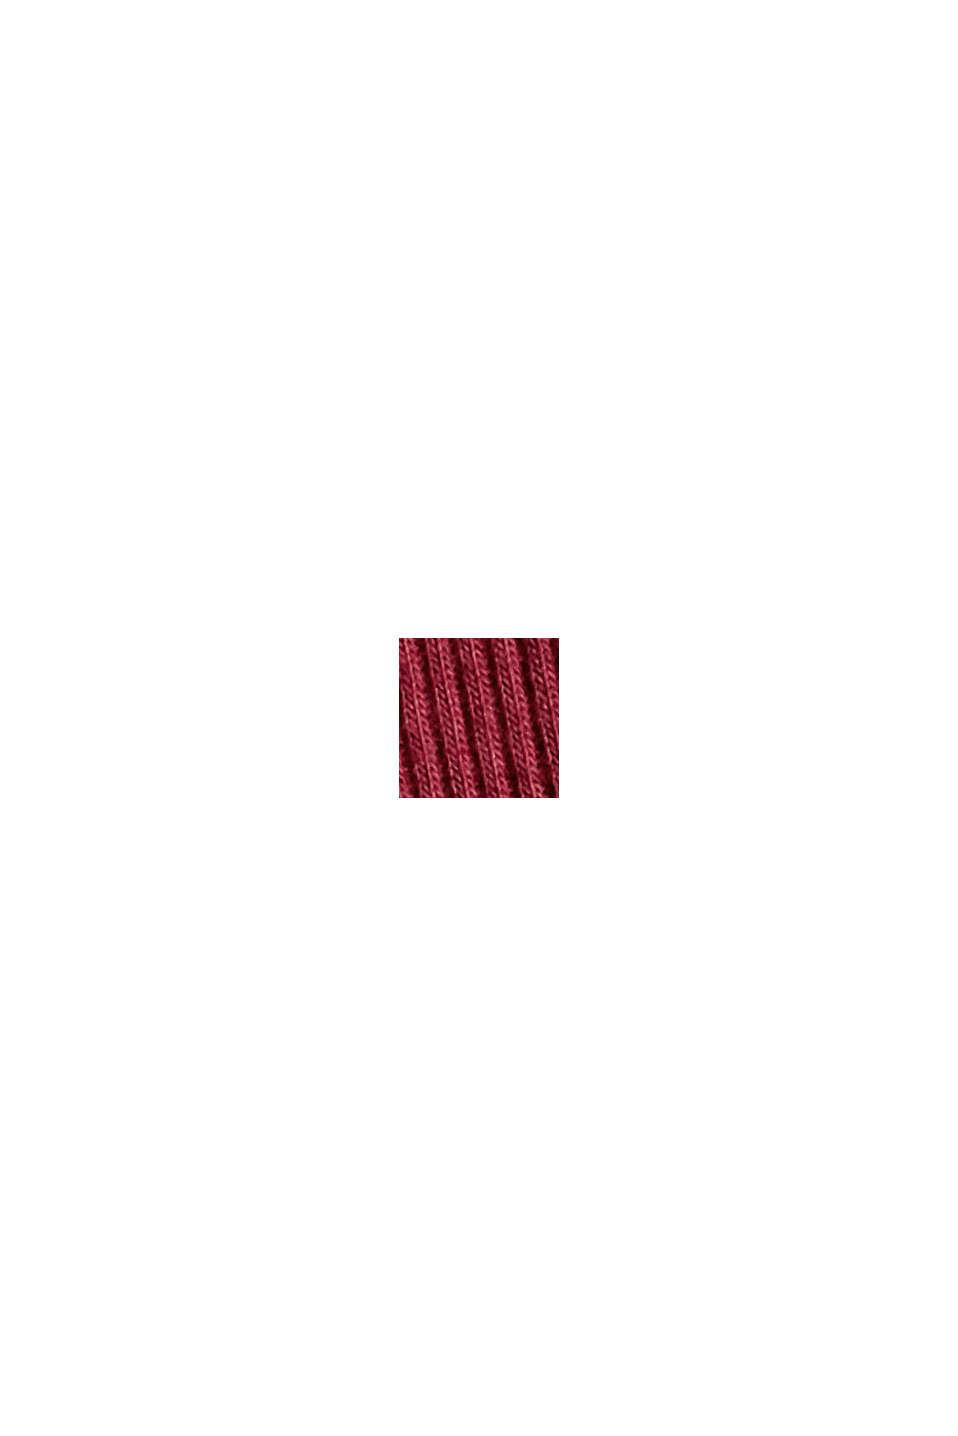 Geripptes Nachthemd aus Baumwoll-Jersey, DARK RED, swatch